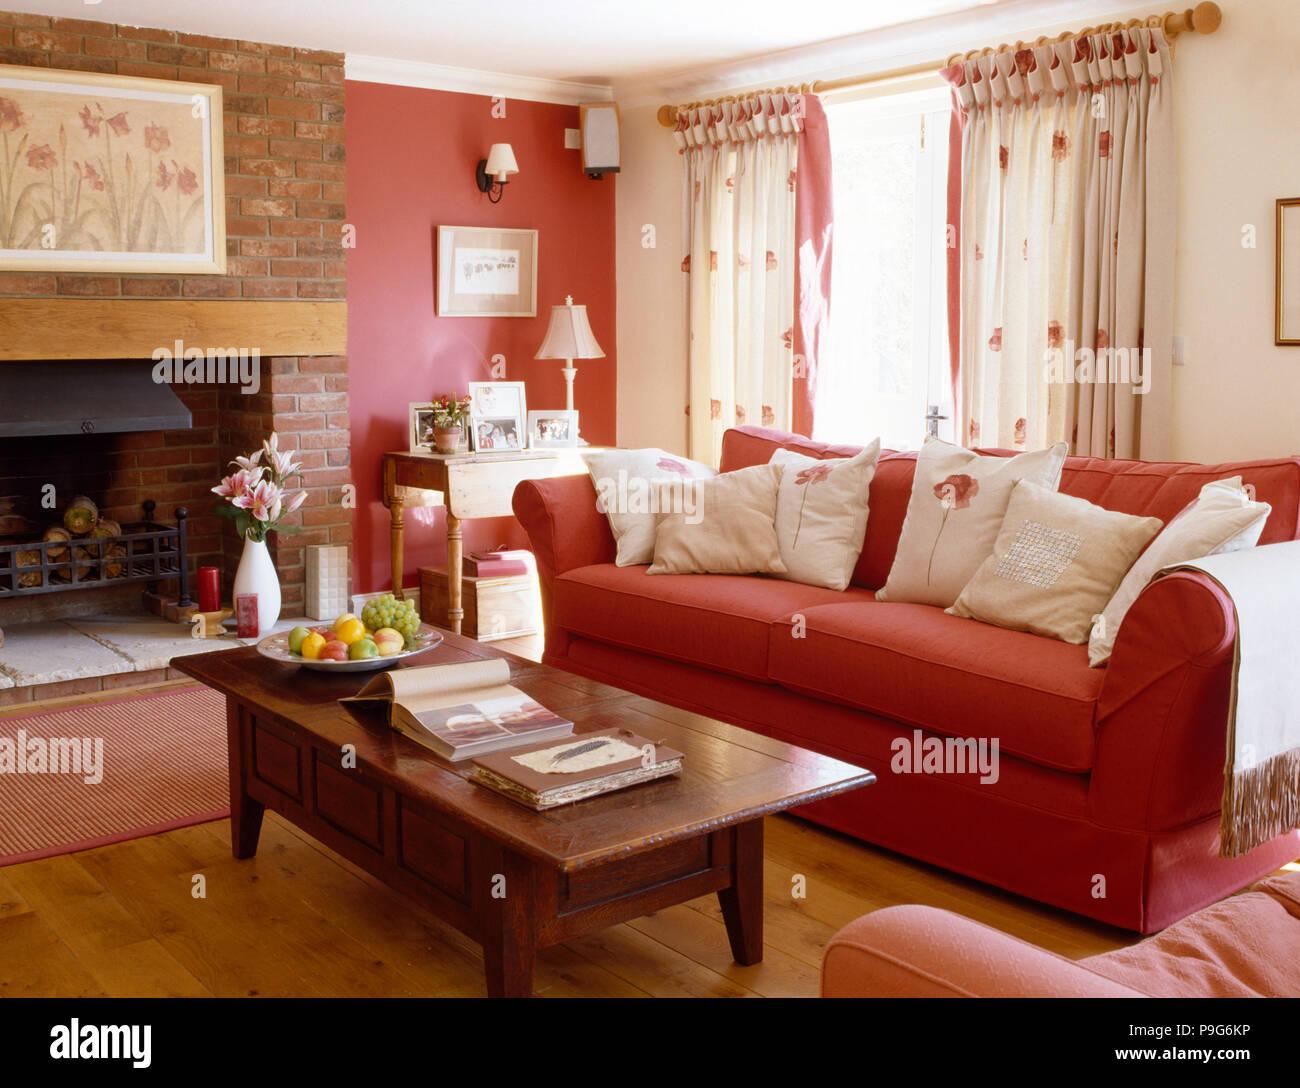 Holz Couchtisch und rotes Sofa mit weißen Kissen in einem ...